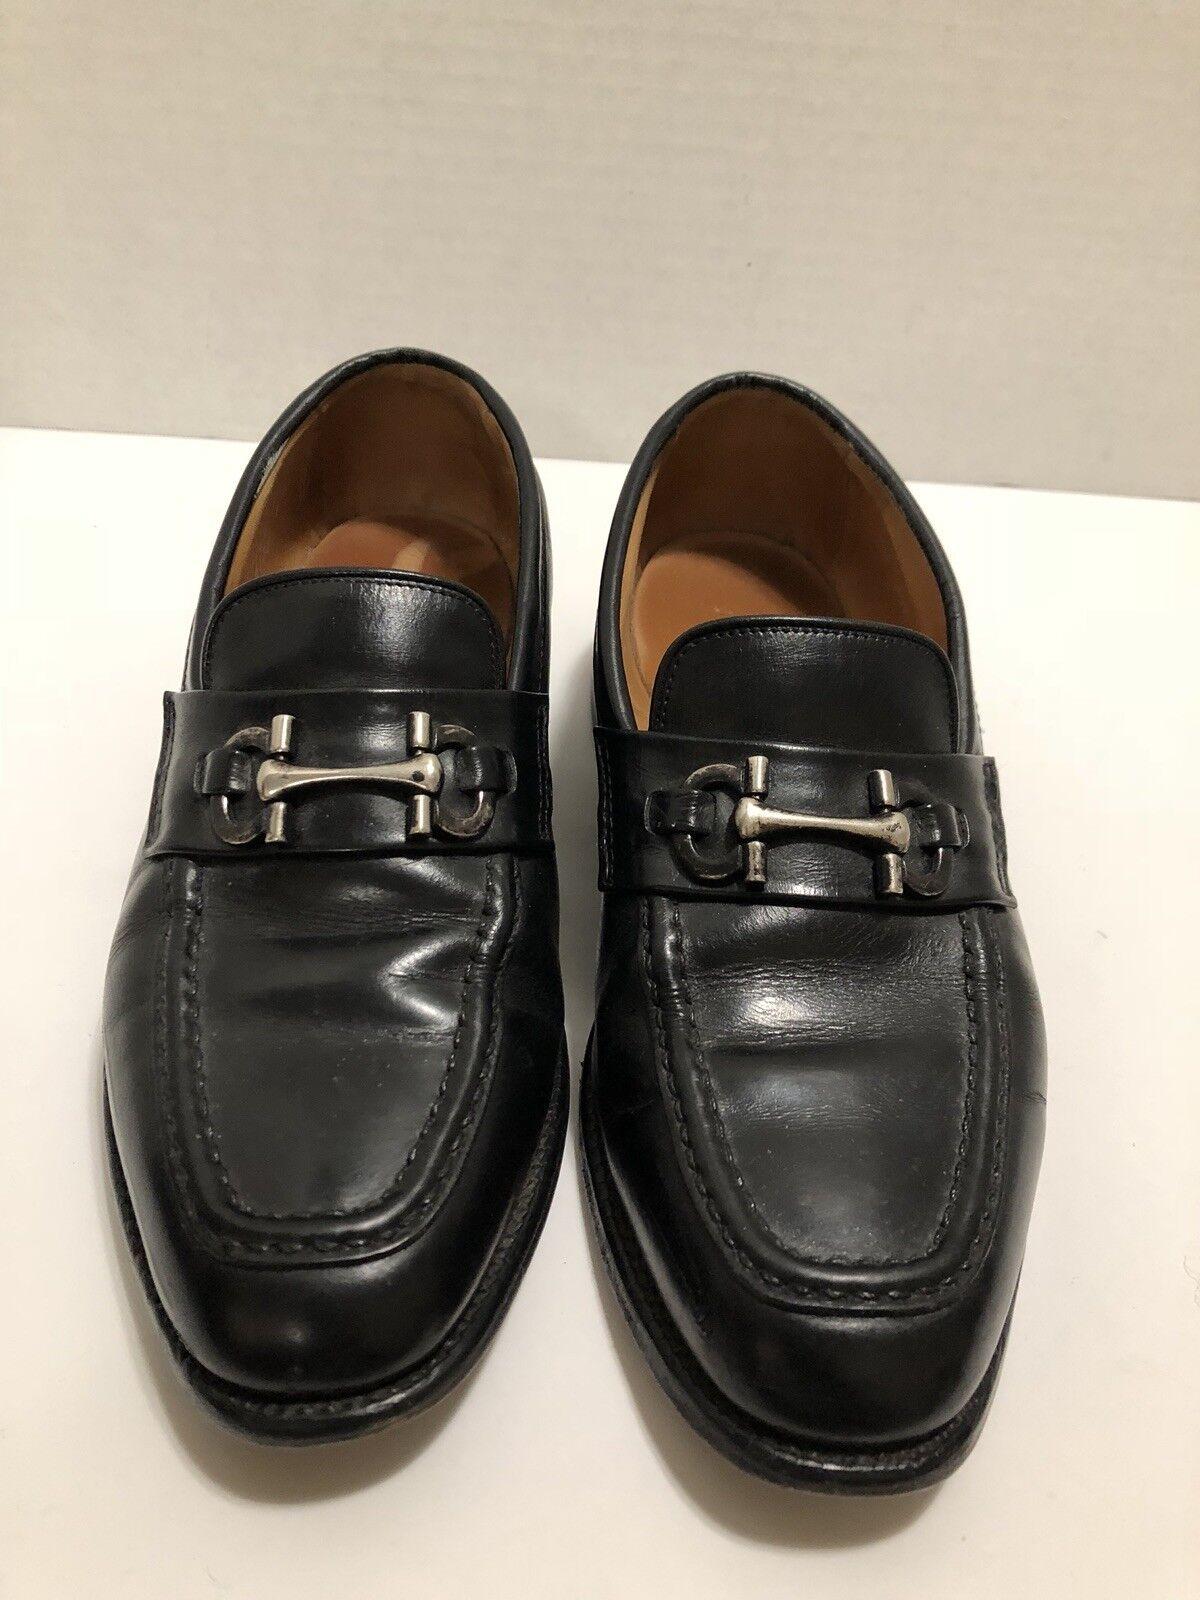 ALLEN EDMONDS Men's 7 EEE Harwood Slip On Black Leather Loafer Horse Bit